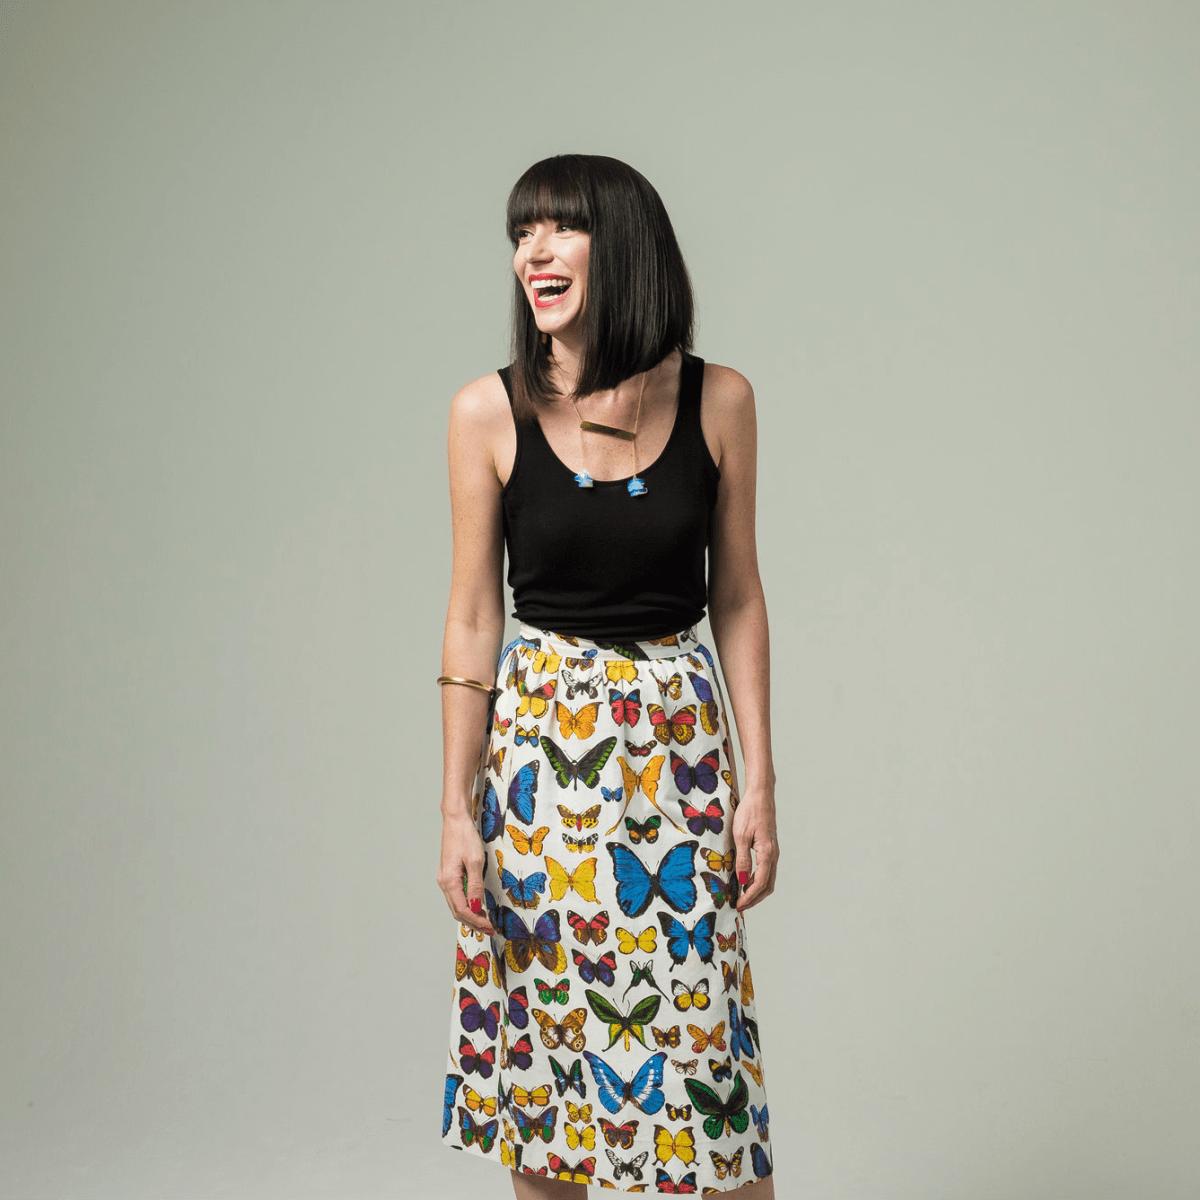 Nancy Koen